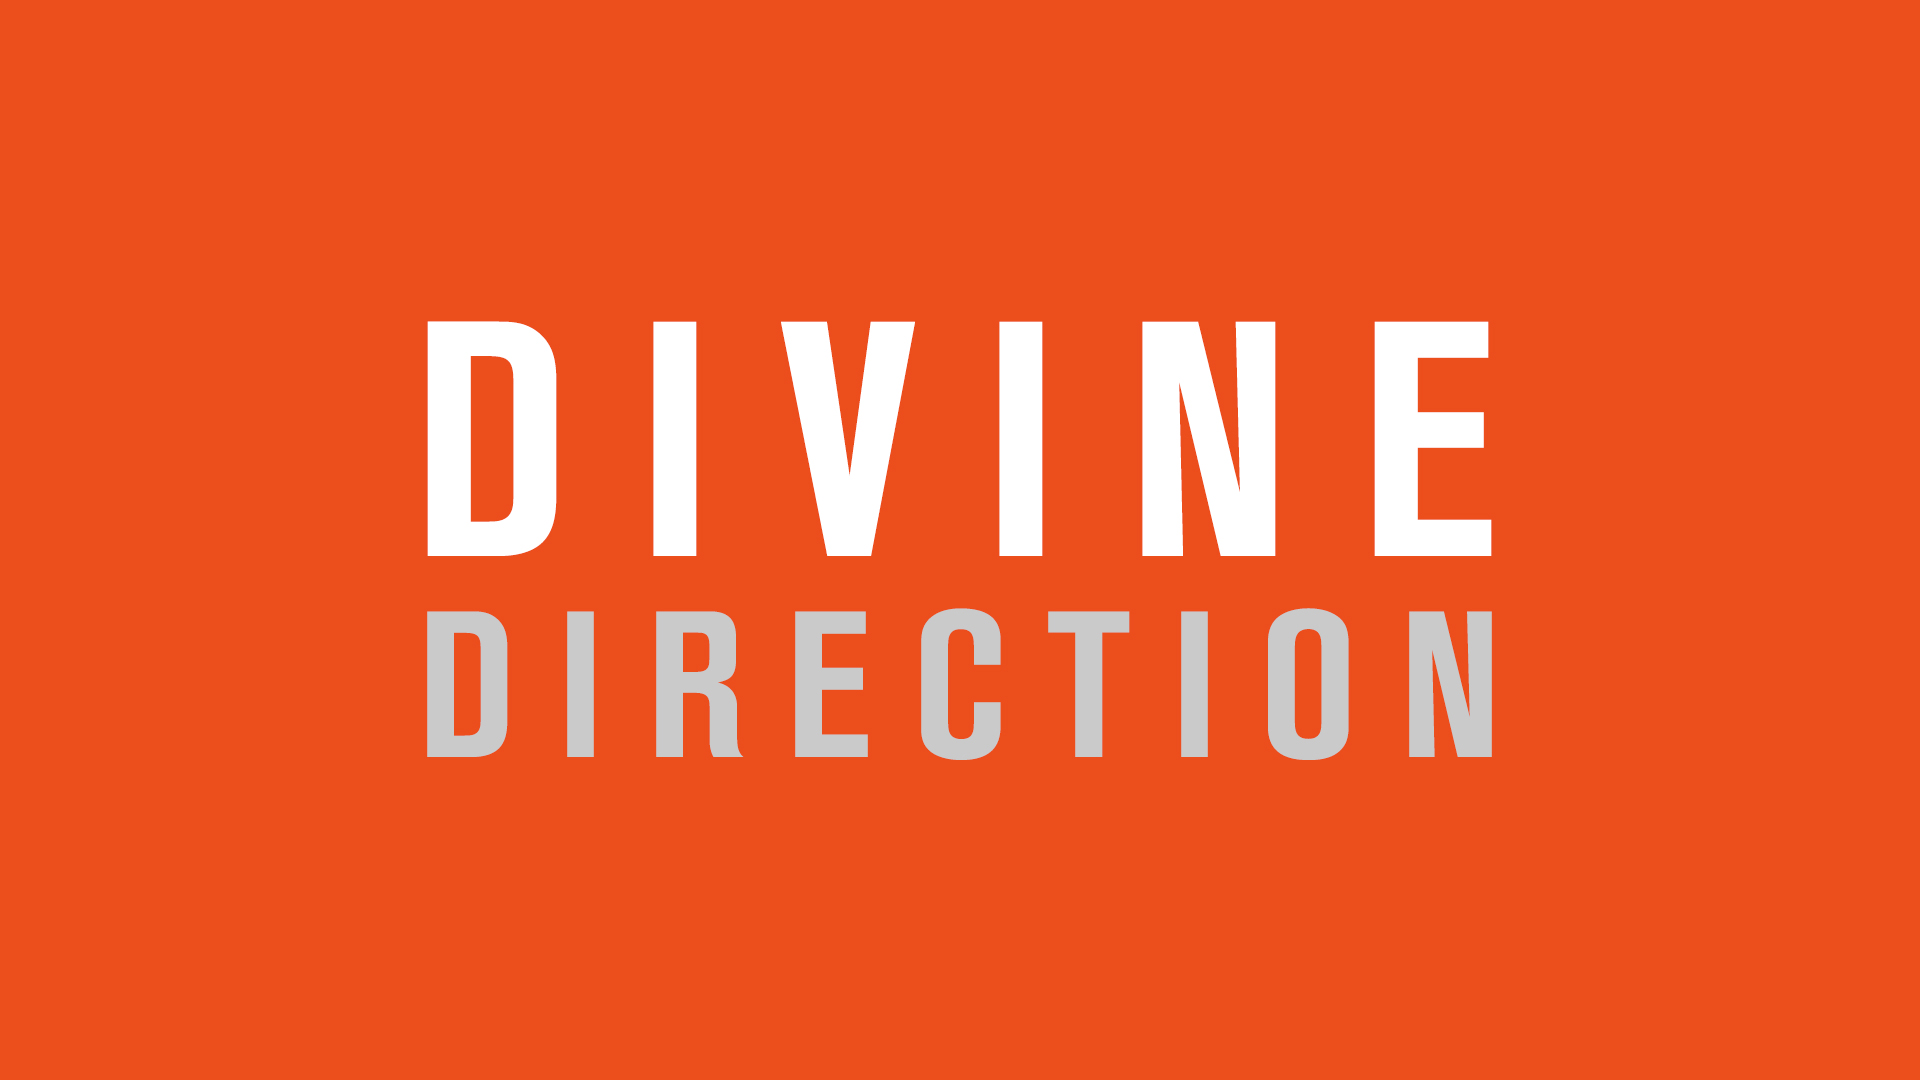 Divine_Direction_Art.jpg